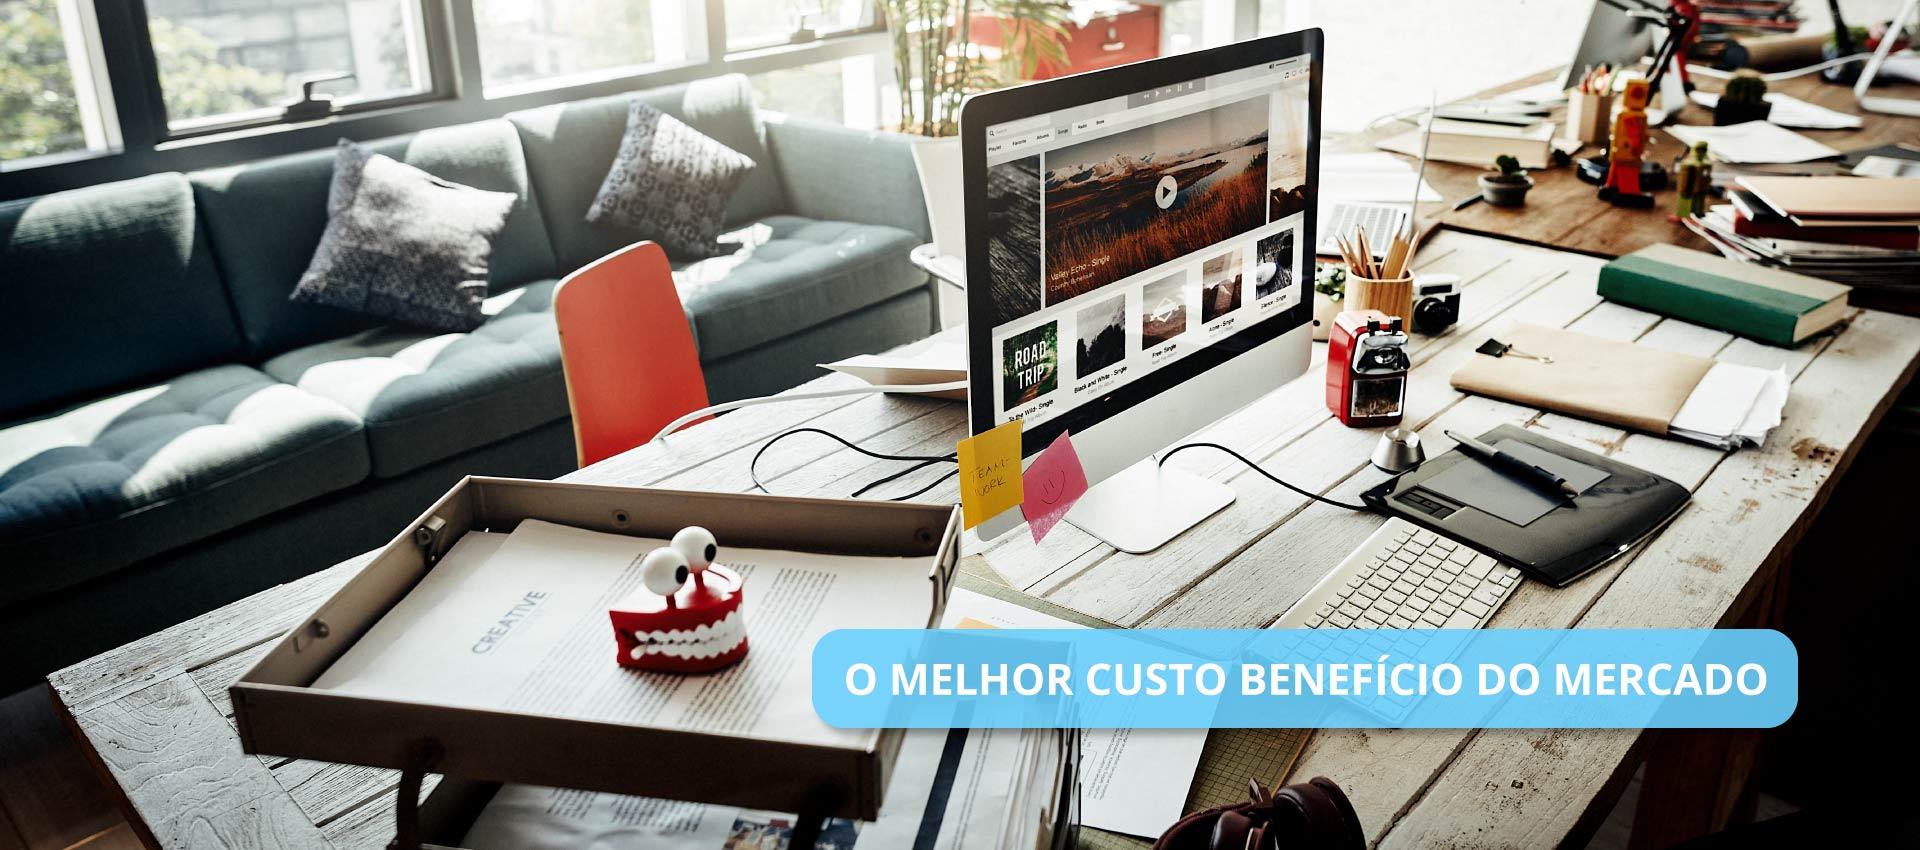 Tomorrow Agency - Agência de Marketing Digital com o melhor custo benefício